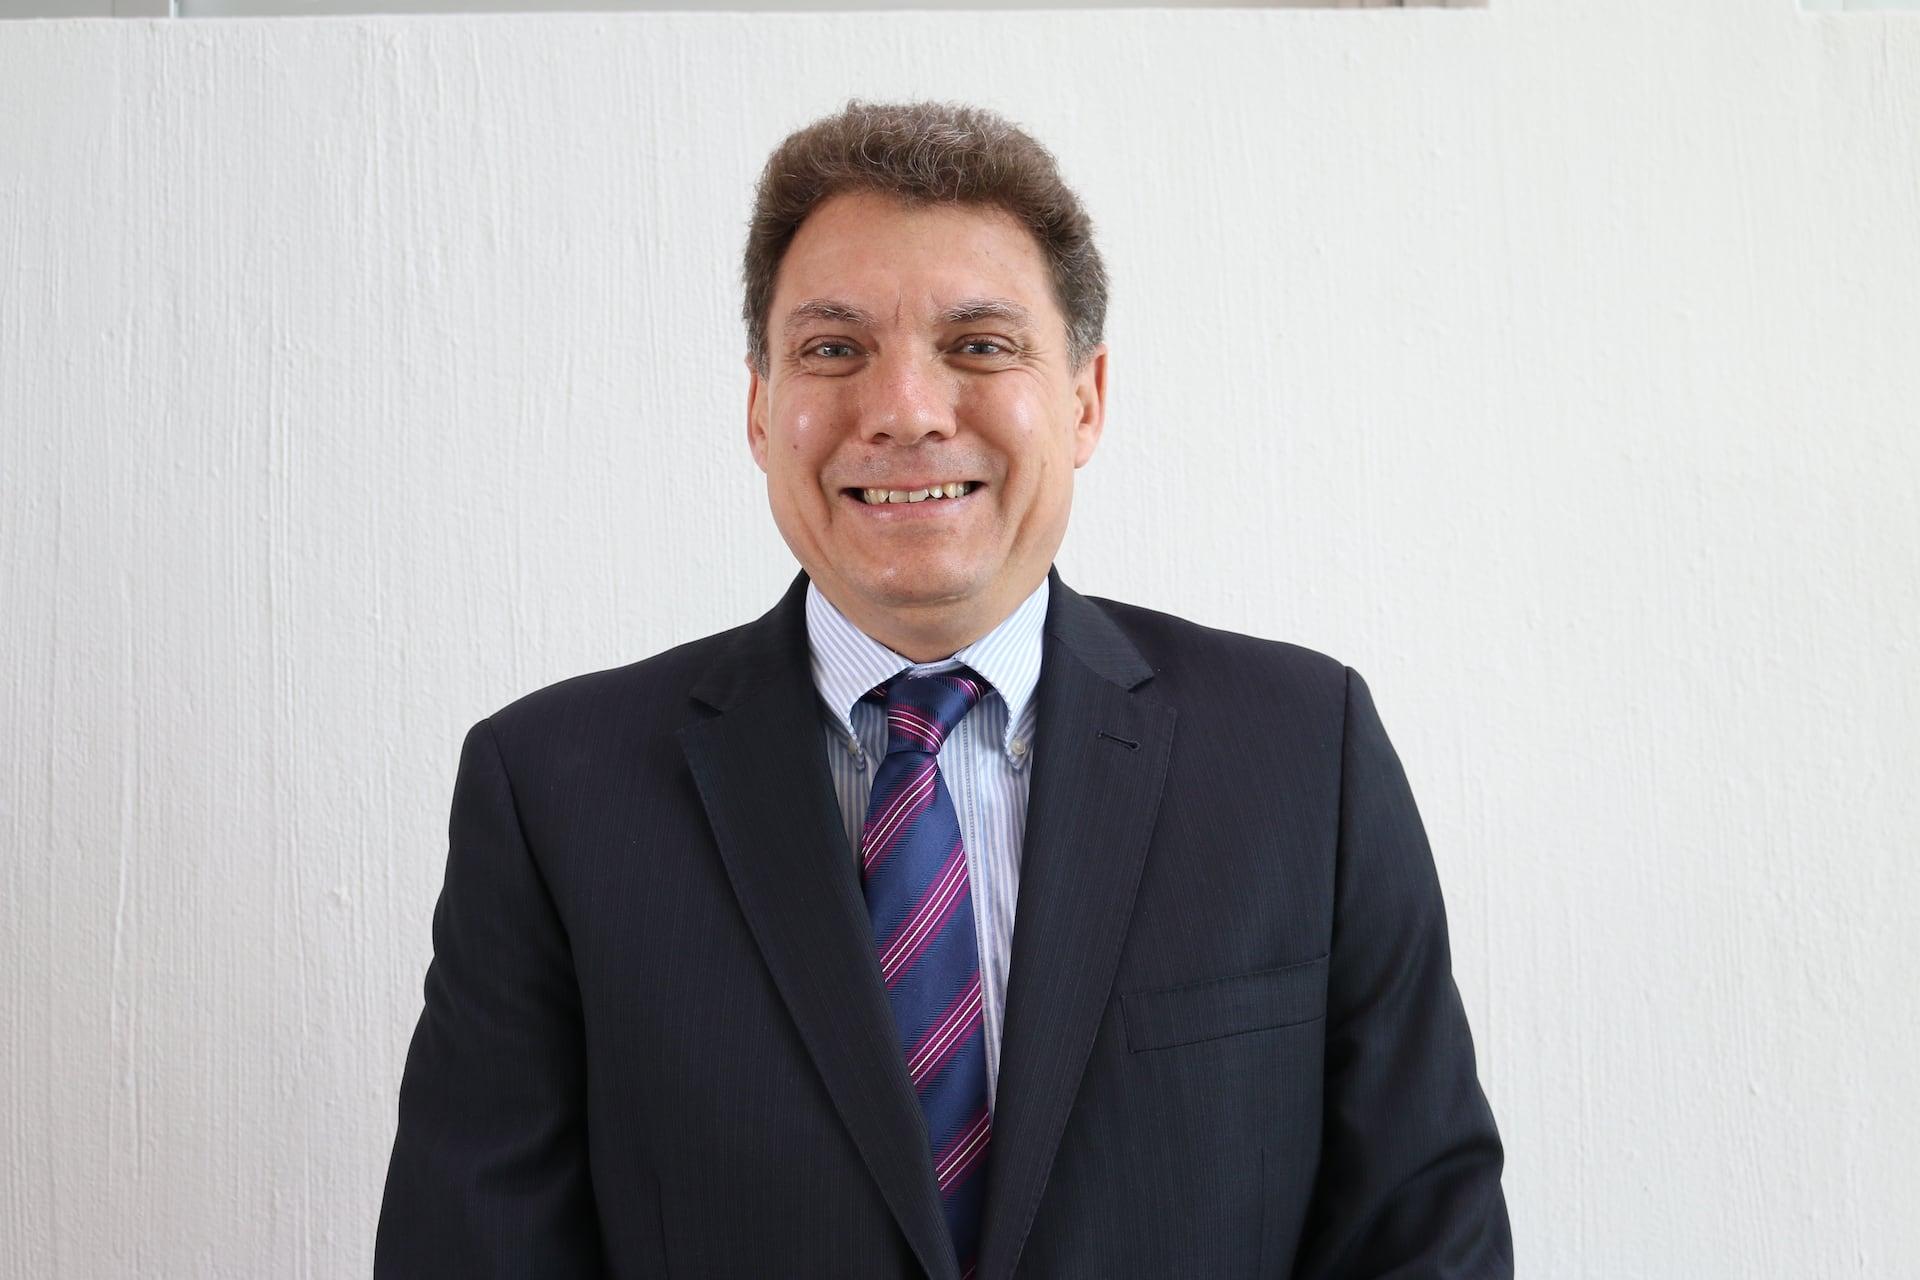 PABLO HÉCTOR GONZÁLEZ VILLALOBOS